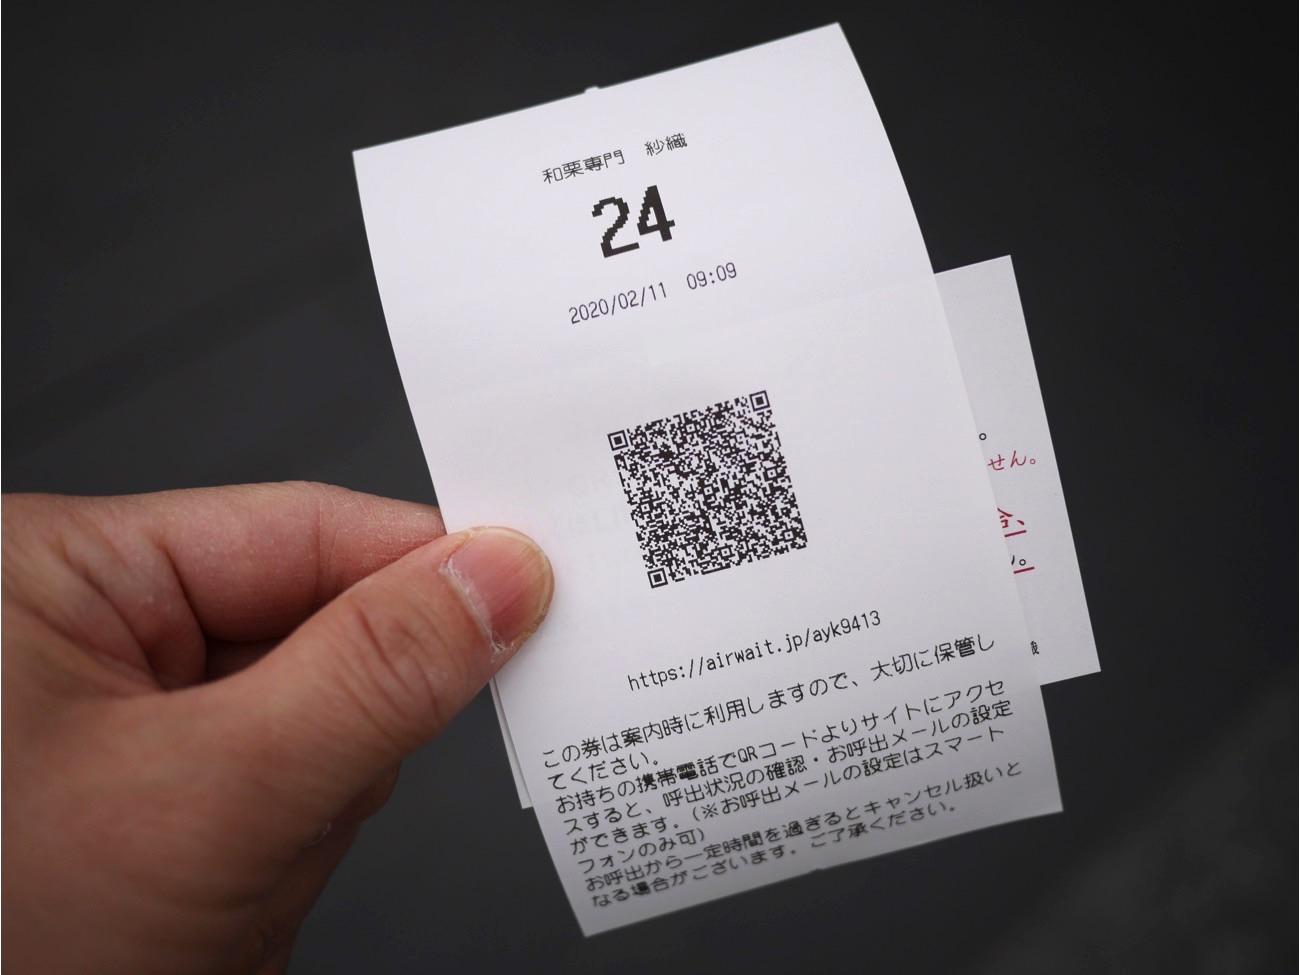 24組目の整理券